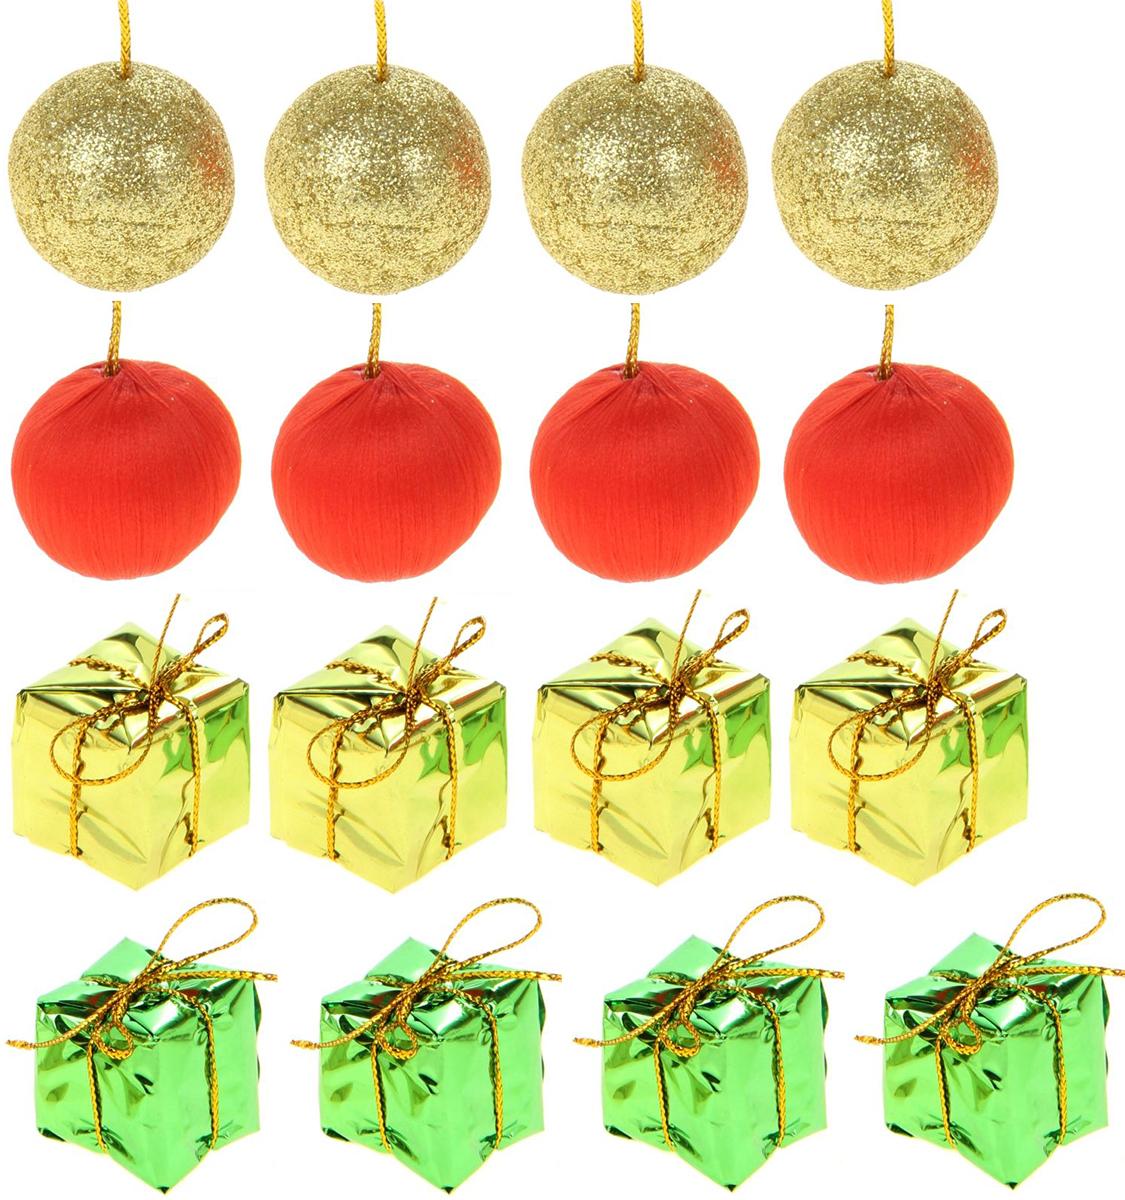 Набор новогодних подвесных украшений Sima-land 8 подарков, 8 шариков, 16 шт825939Набор новогодних подвесных украшений Sima-land изготовлен из пластика. Изделия имеют плотный корпус, поэтому не разобьются при падении.Невозможно представить нашу жизнь без праздников! Новогодние украшения несут в себе волшебство и красоту праздника. Создайте в своем доме атмосферу тепла, веселья и радости, украшая его всей семьей.В наборе 16 украшений.